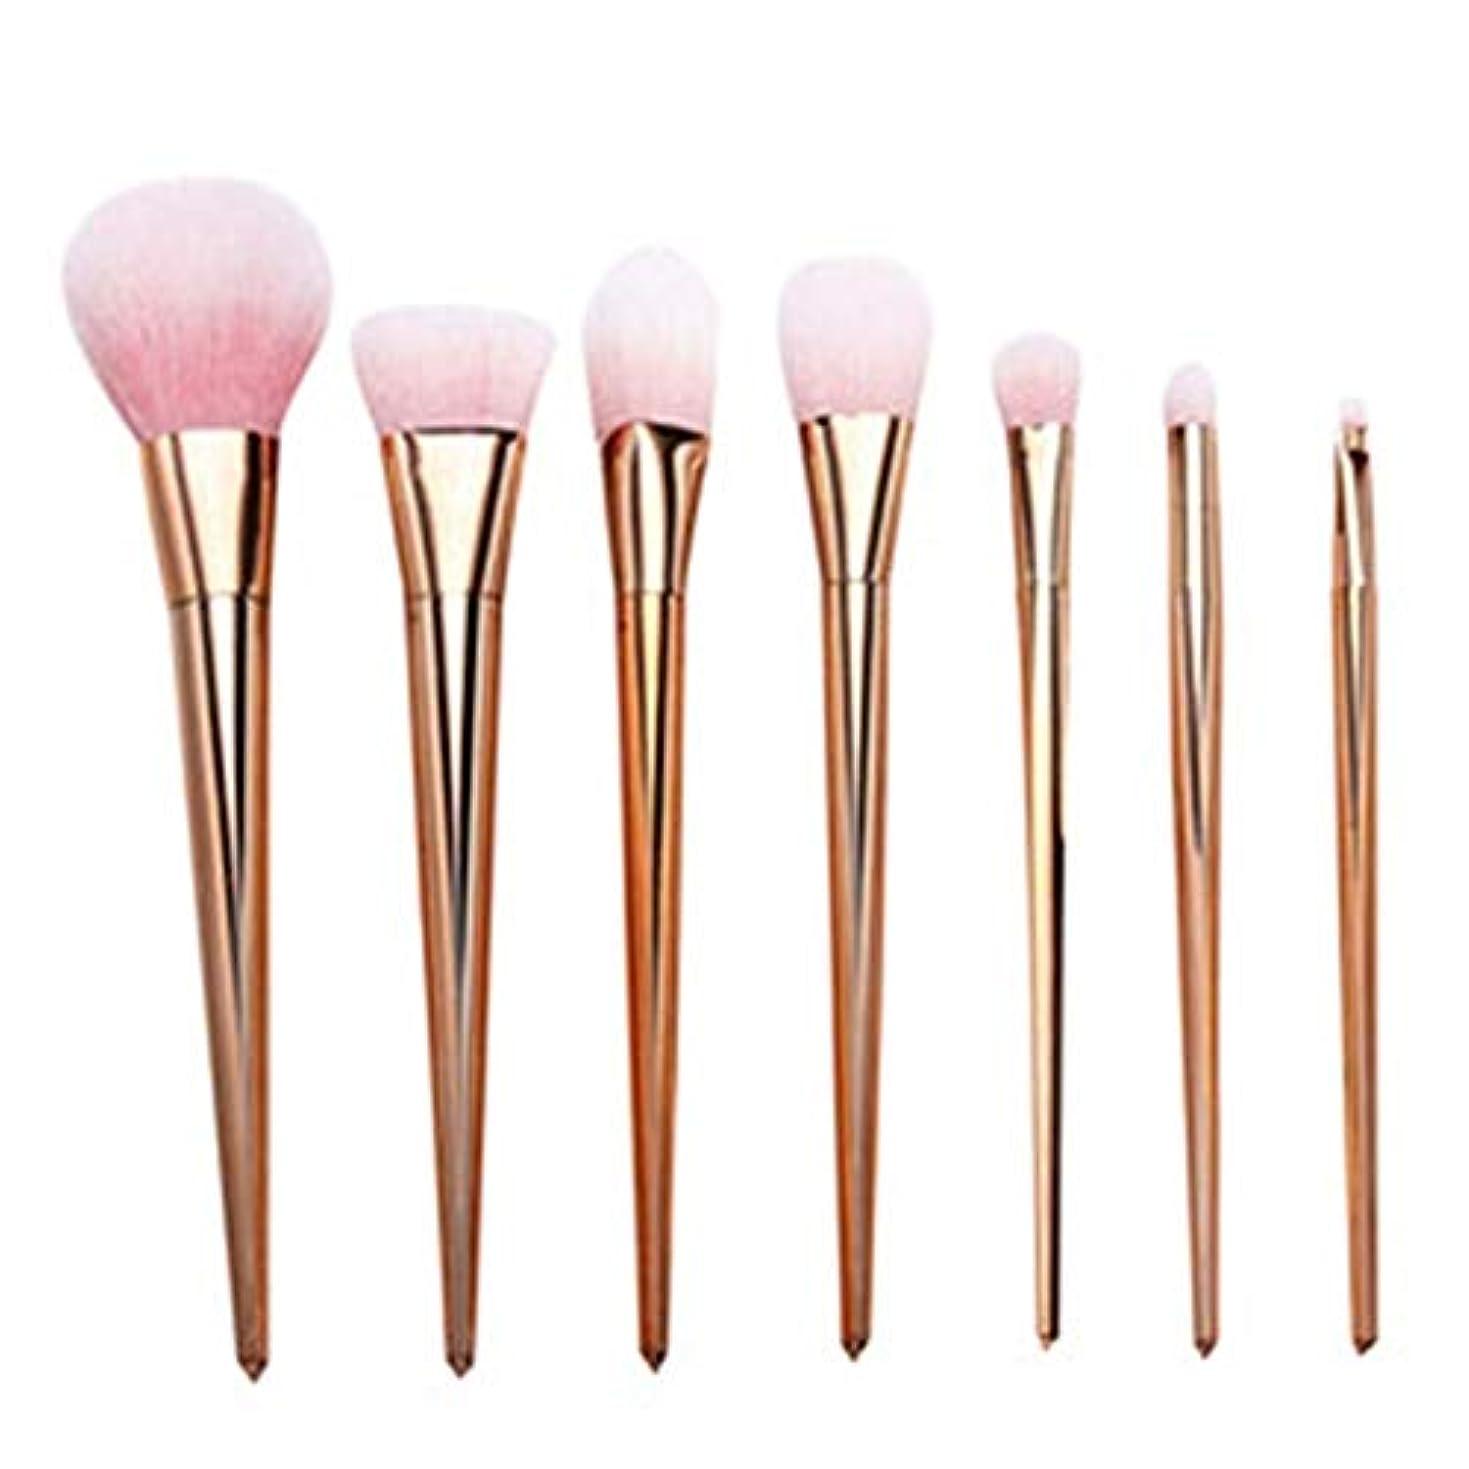 待って関与する医療のプロ メイクブラシ 化粧筆 シリーズ 化粧ブラシセット 高級タクロン 超柔らかい 可愛い リップブラシツール 7本セット (Color : Rose Gold)